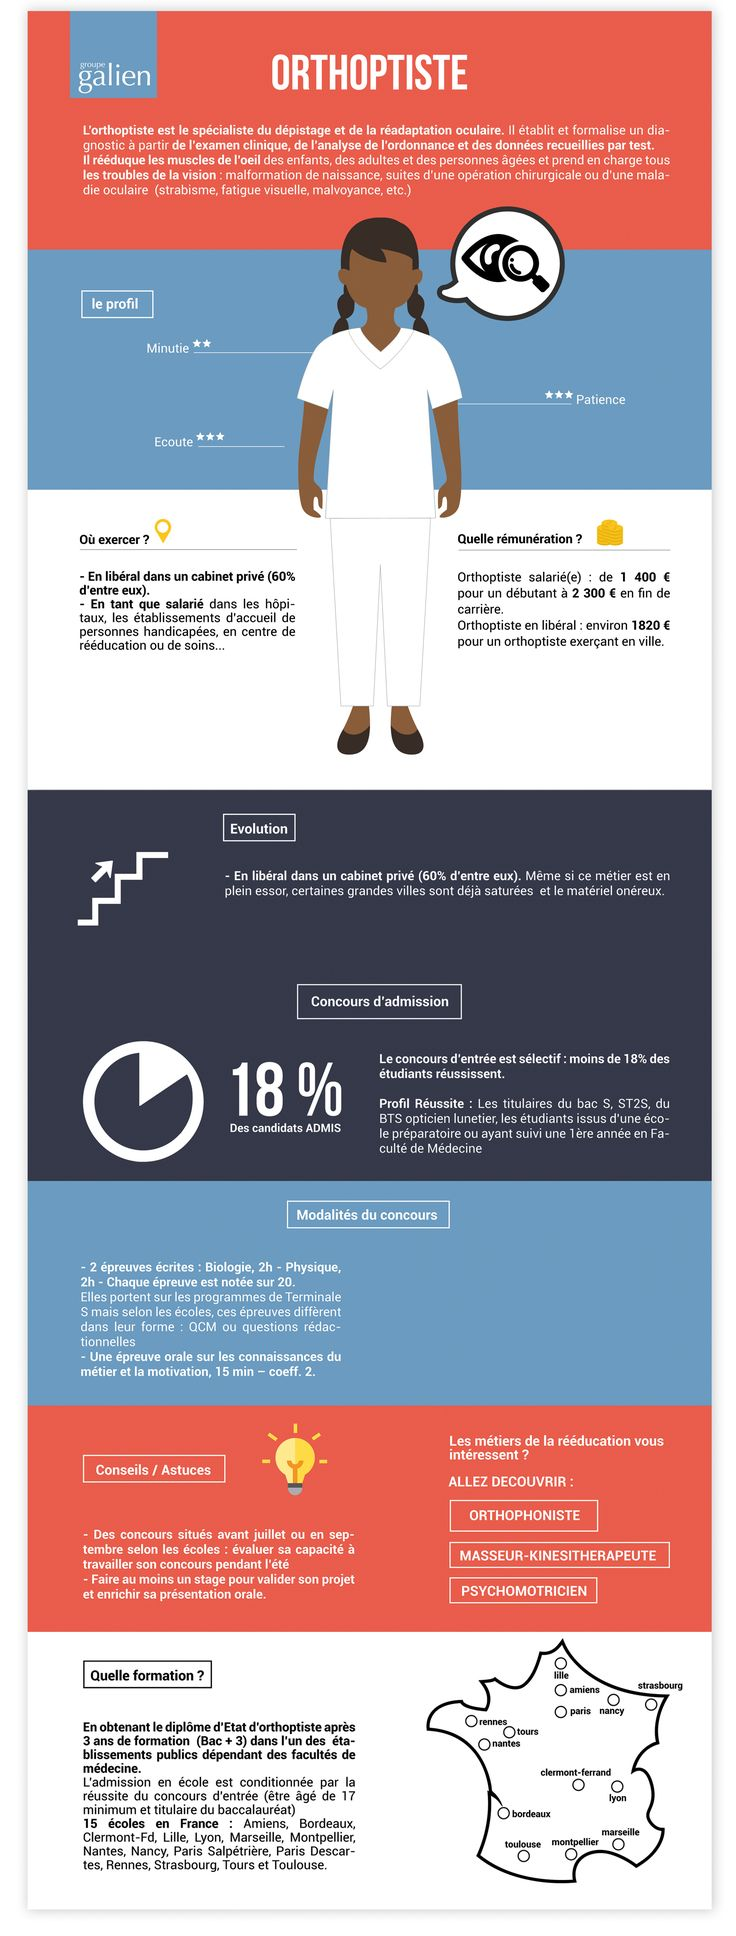 Devenir Orthoptiste – la fiche métier complète #Santé #Infographie